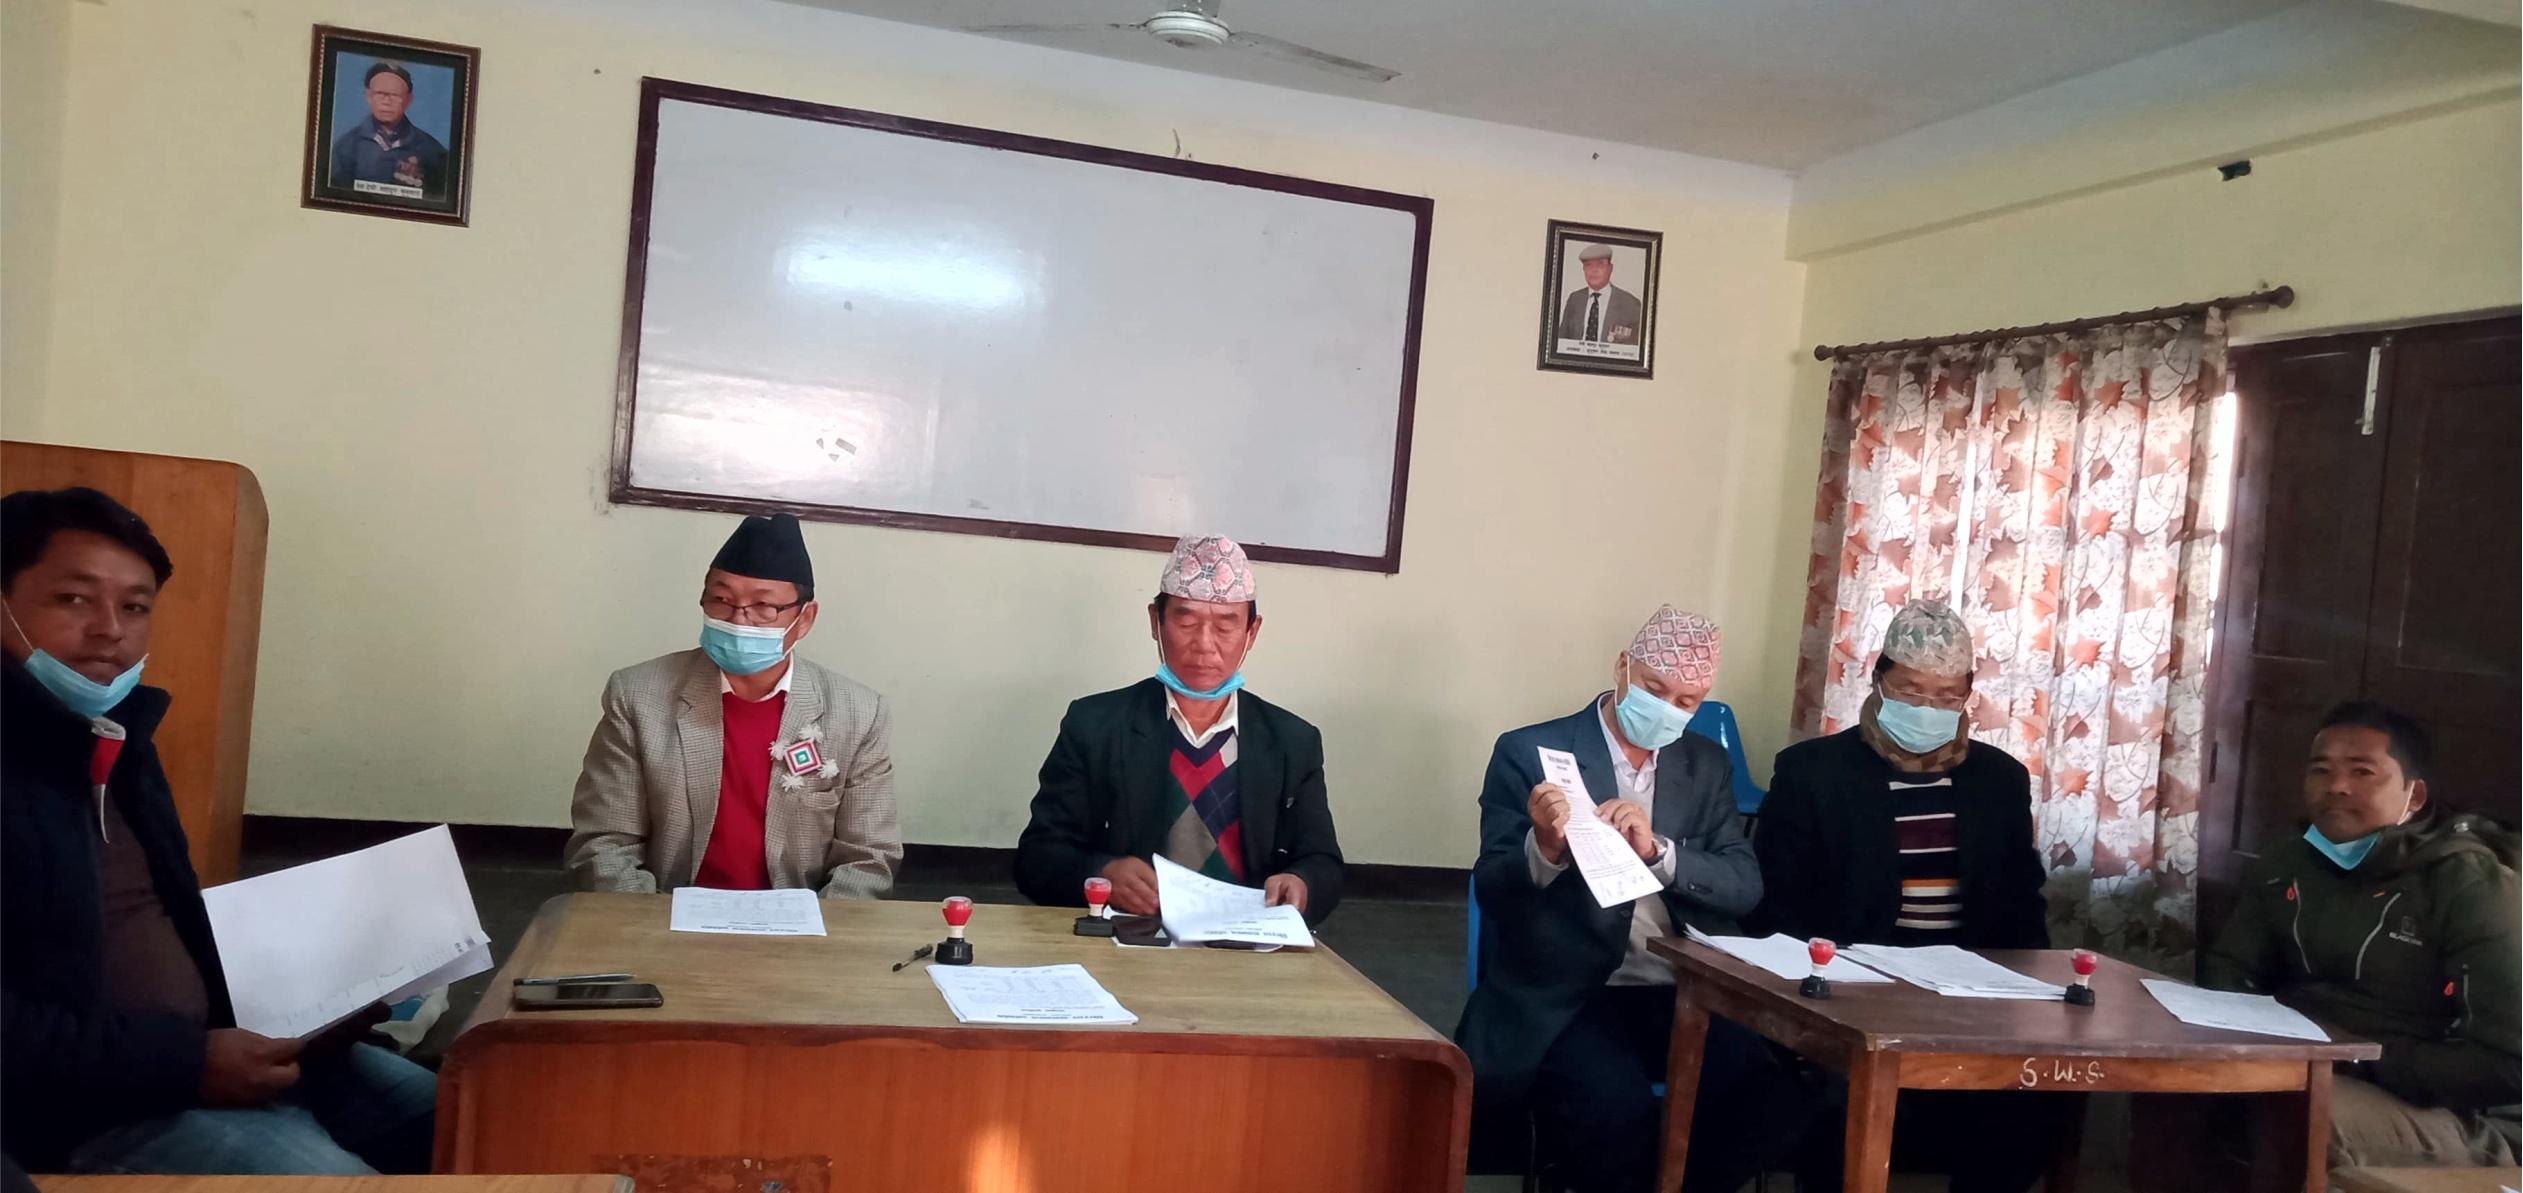 राष्ट्रिय जनगणनामा 'किरात धर्म' लेख्न आठ किरातजन्य संस्थाको संयुक्त अपिल